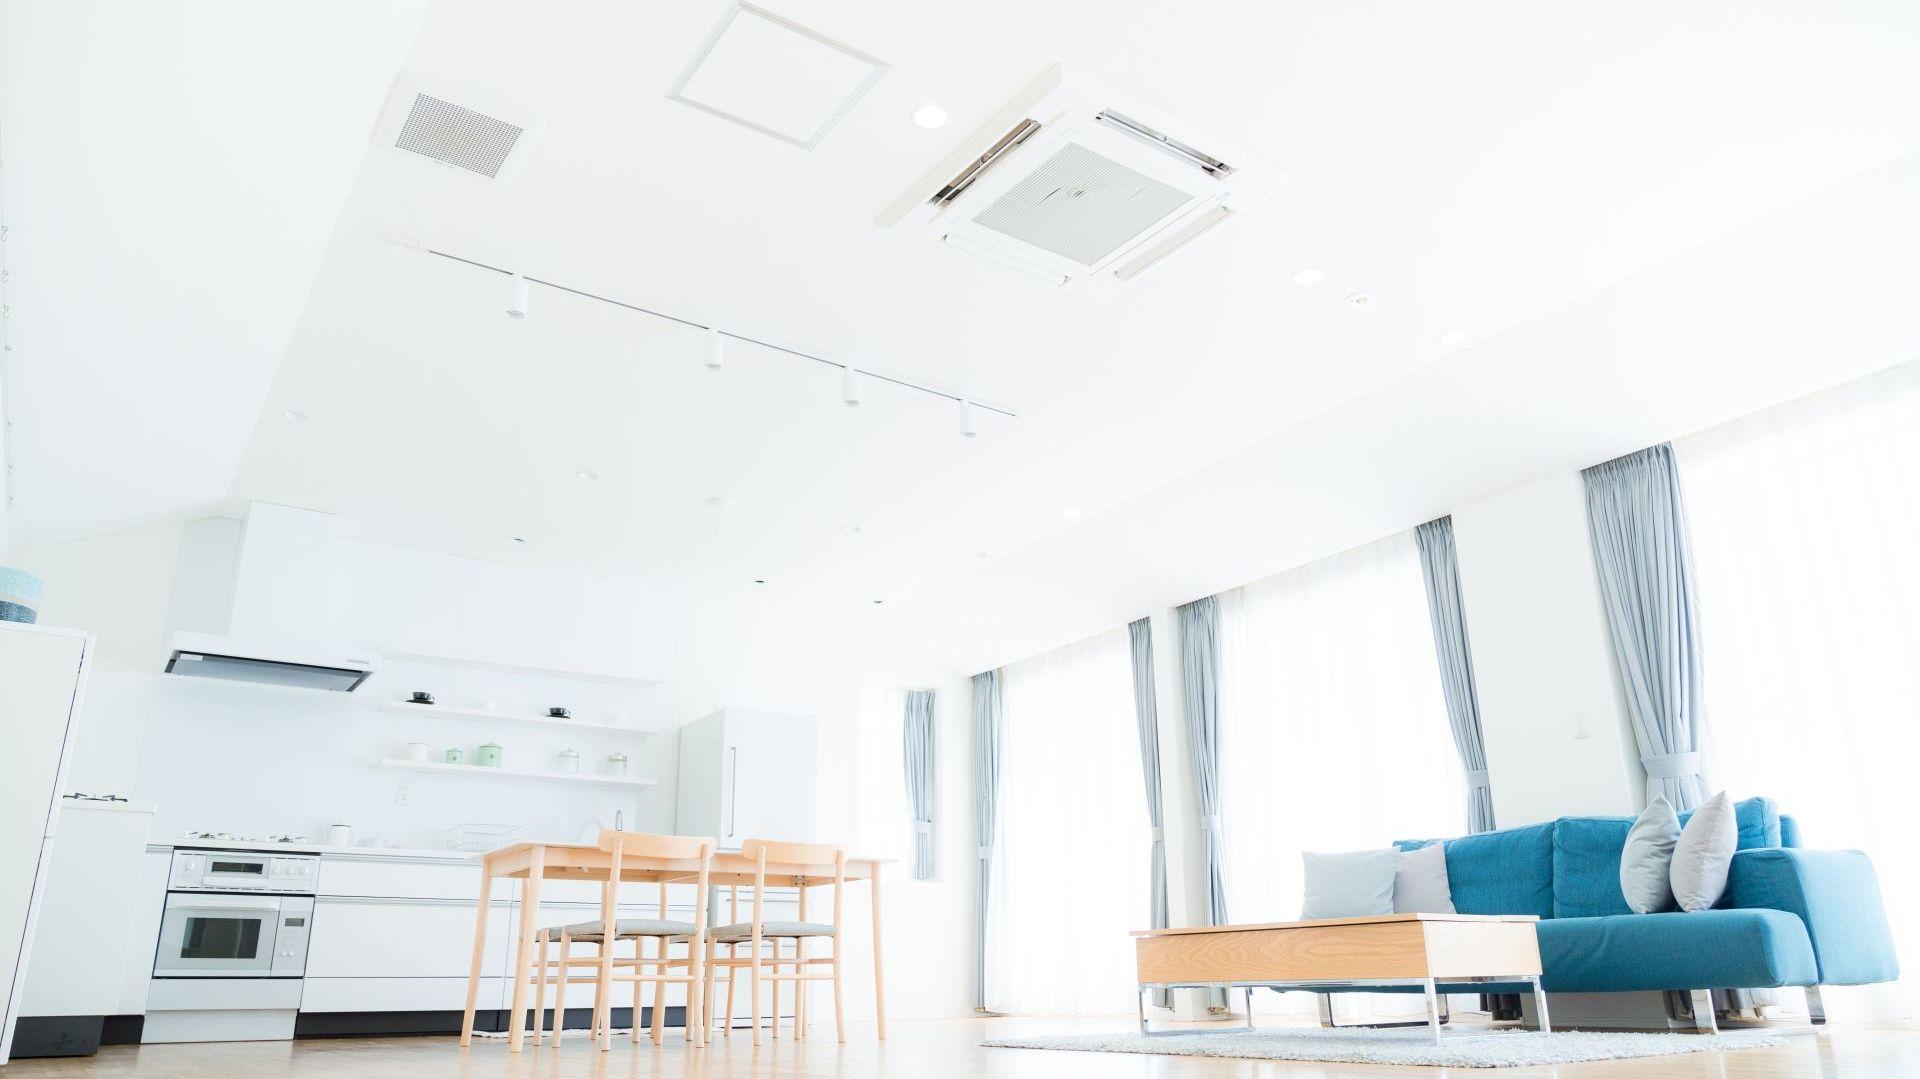 Jednostka klimatyzacyjna kasetonowa fot. Shutterstock.jpg